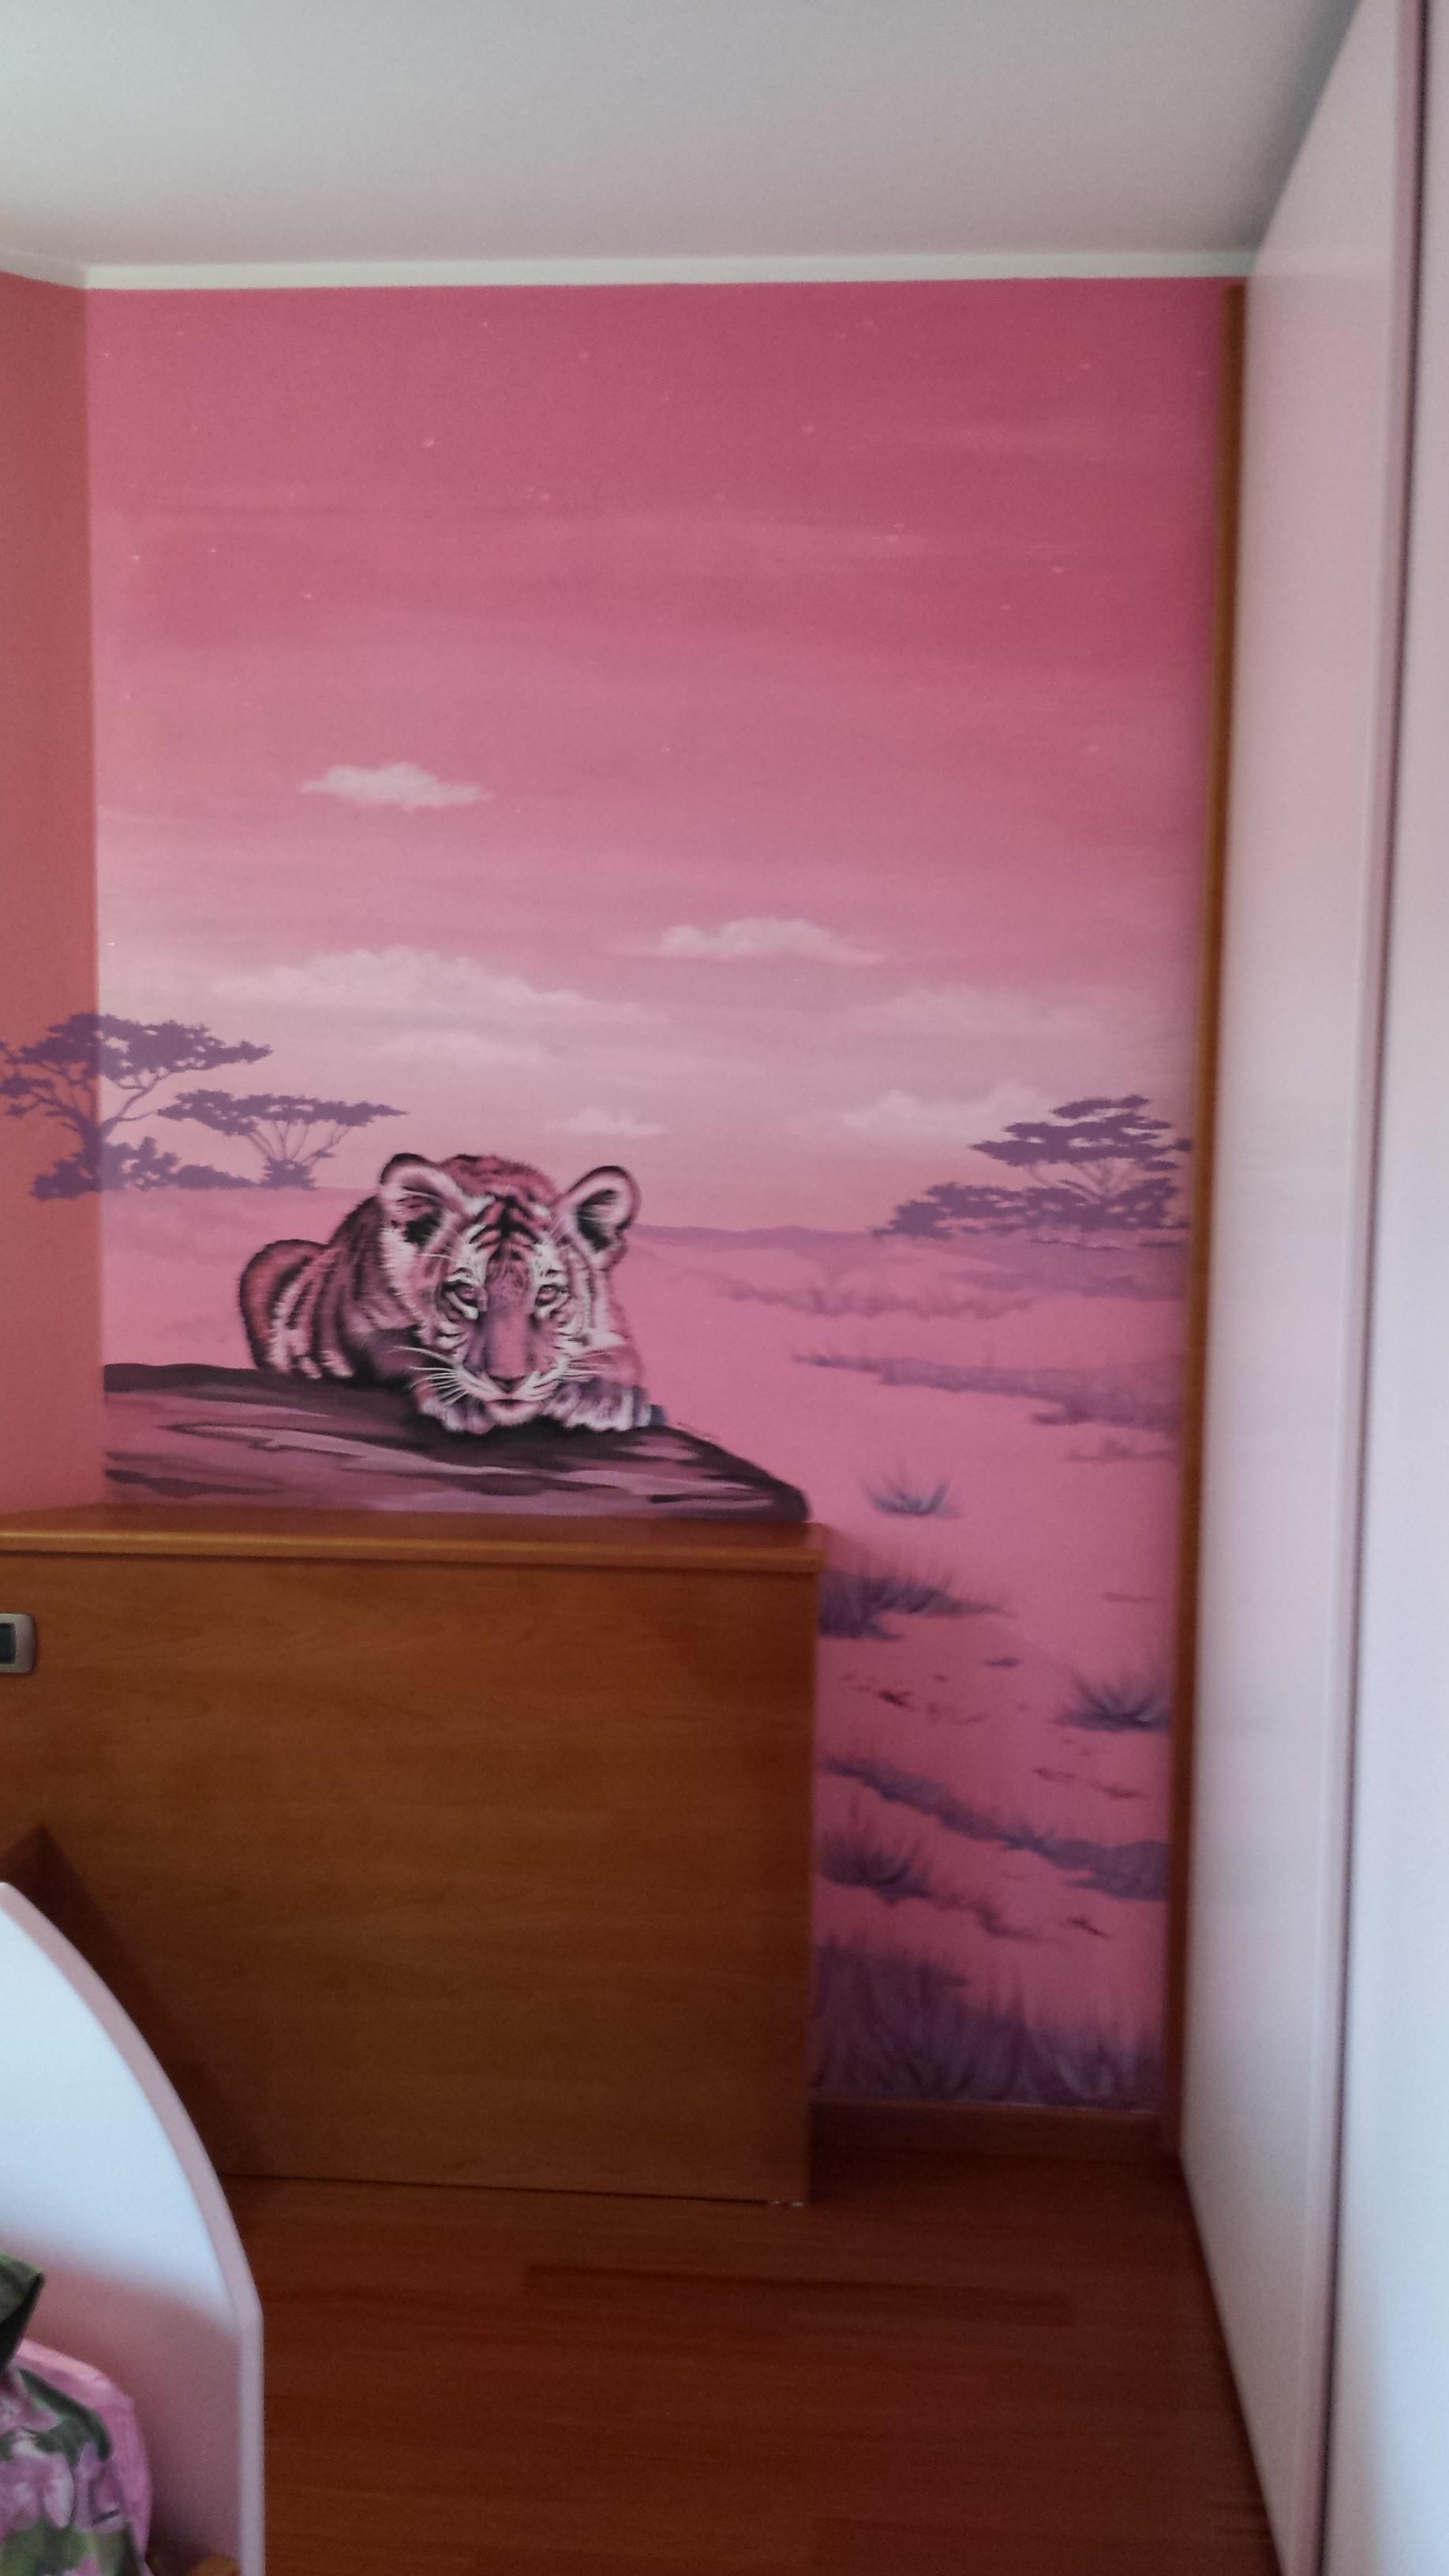 Cameretta savana con tigrotto